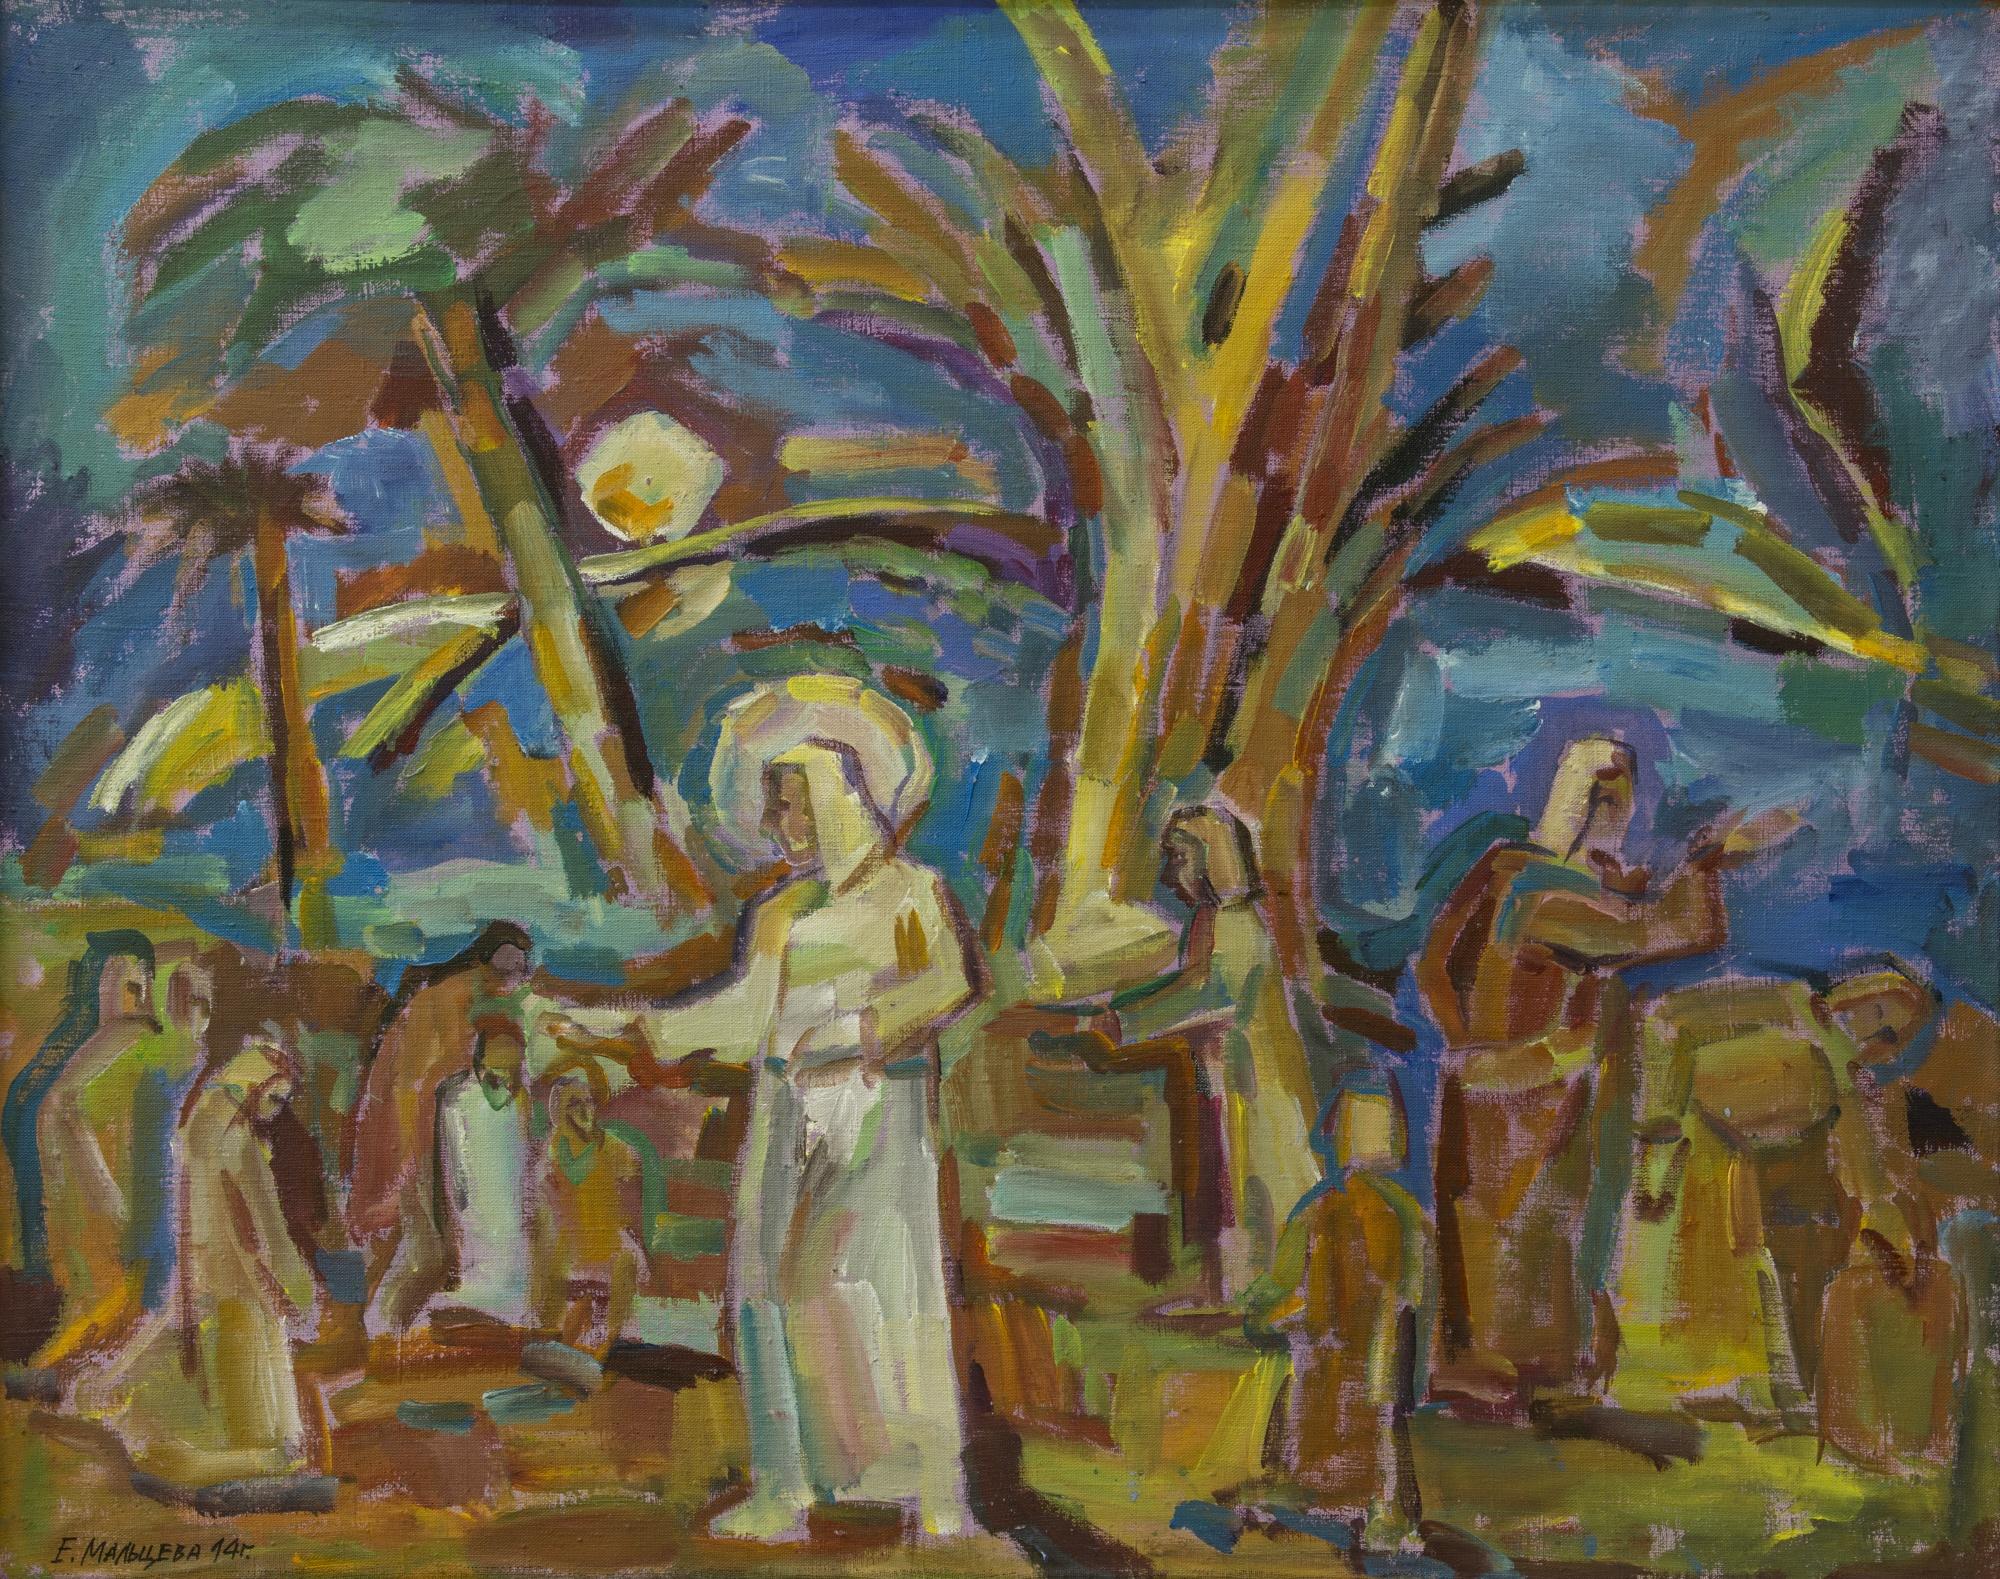 Мальцева Елена. Притчи. Христос. х.,акр. 80х100, 2014г.